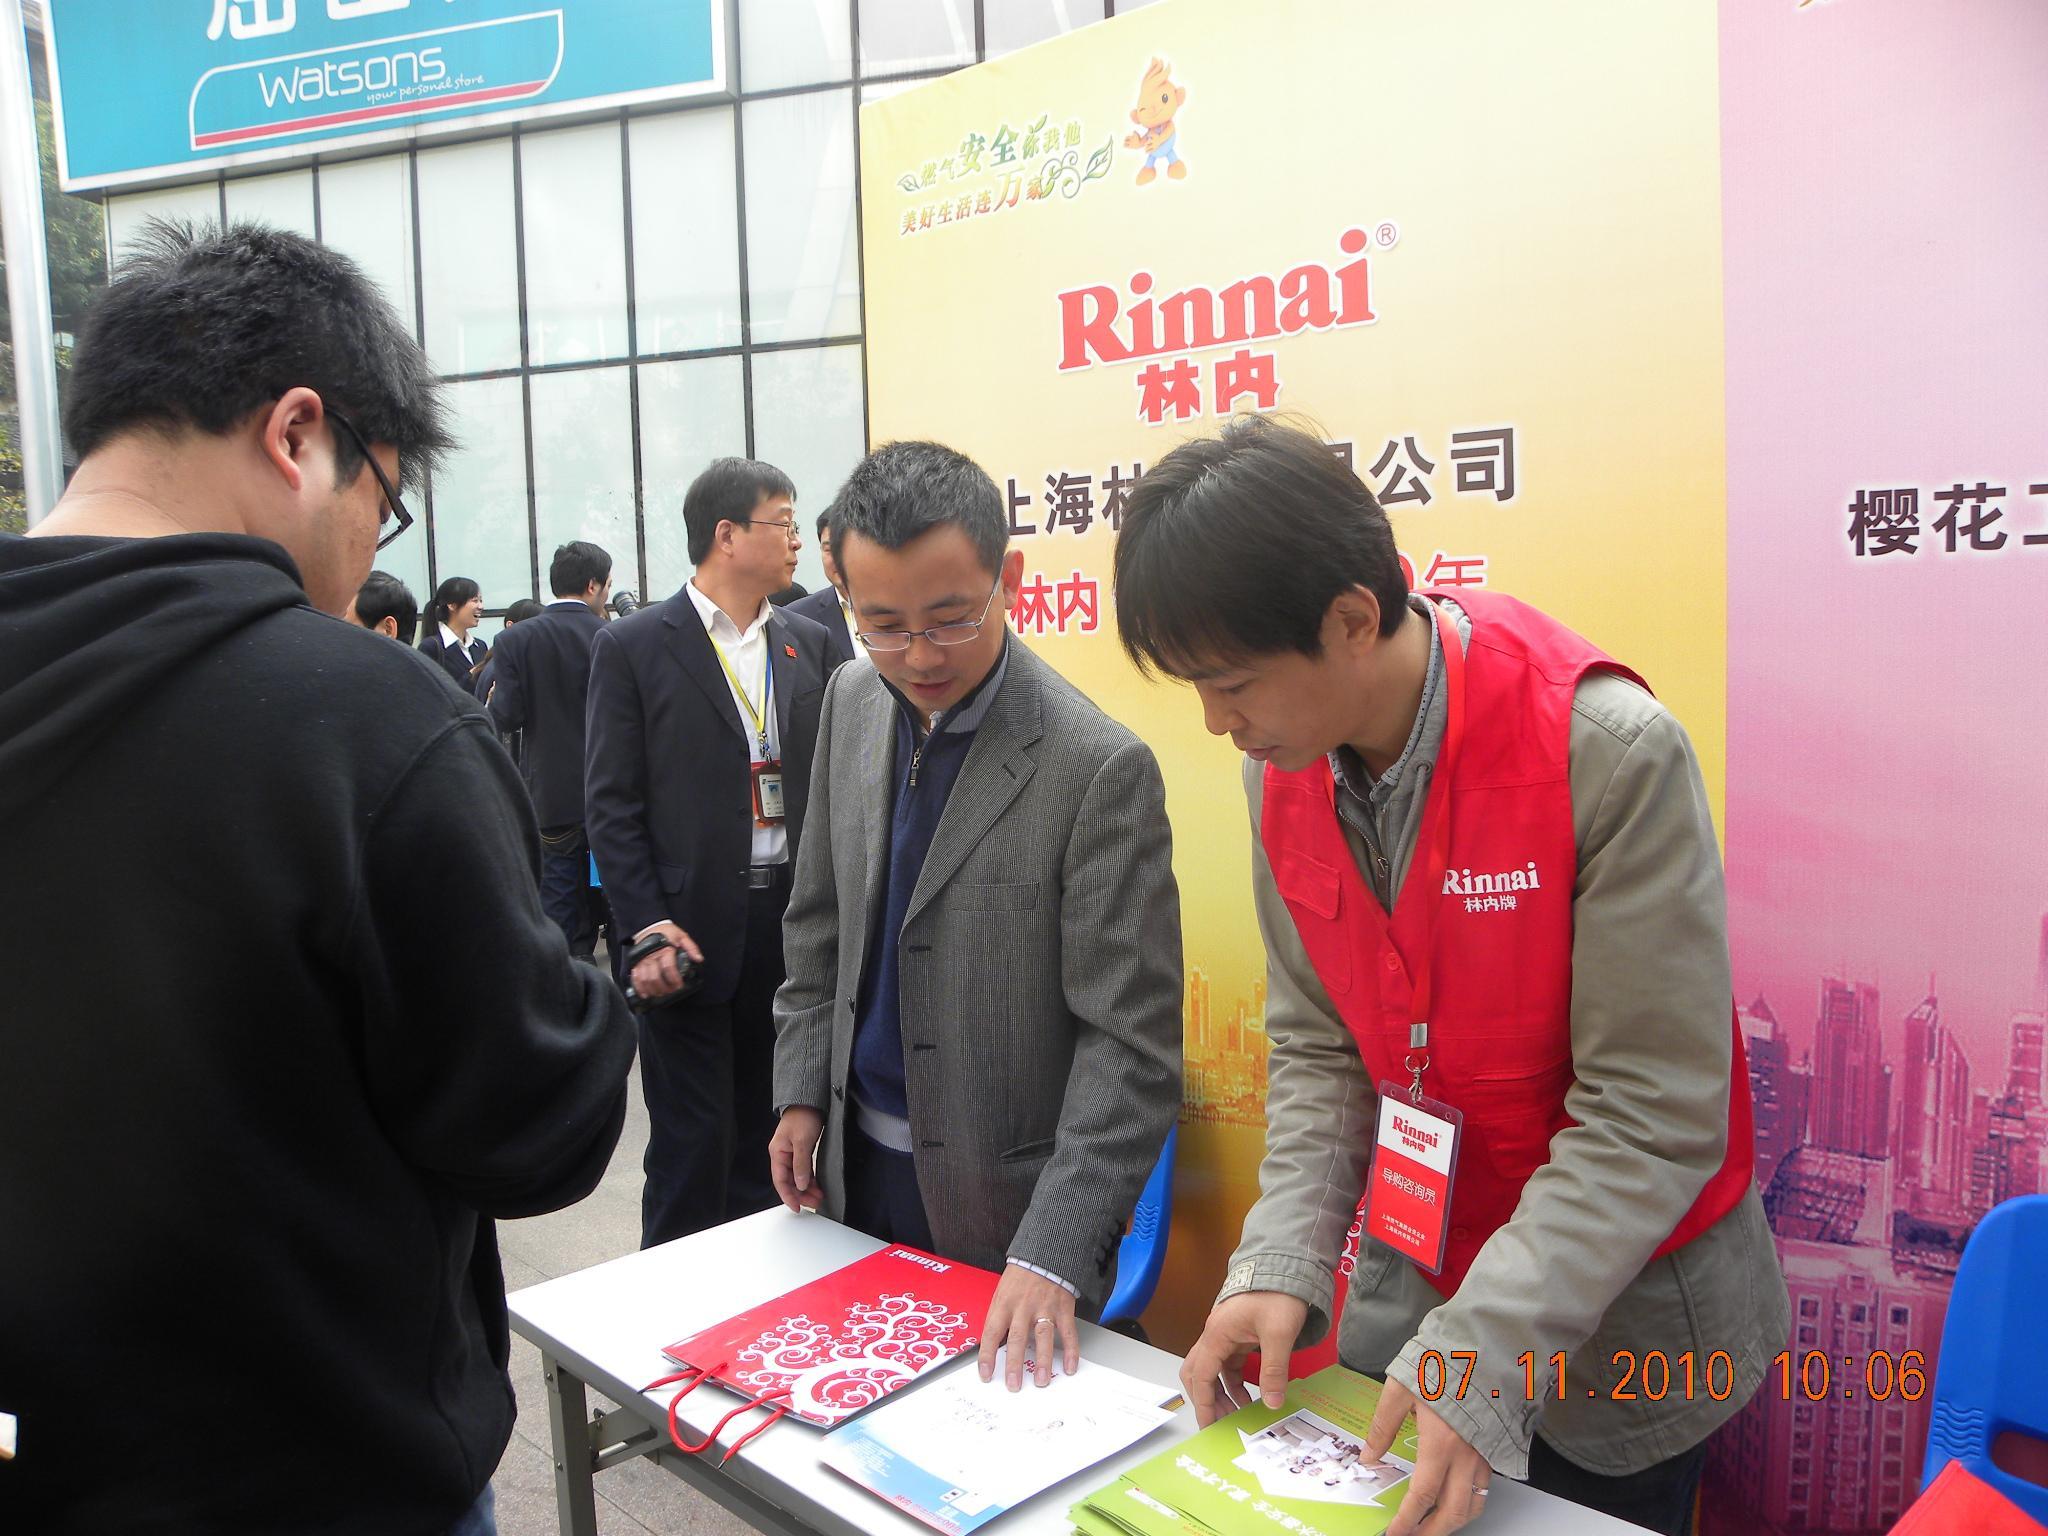 林内参加上海市燃气行业百日用气宣传活动